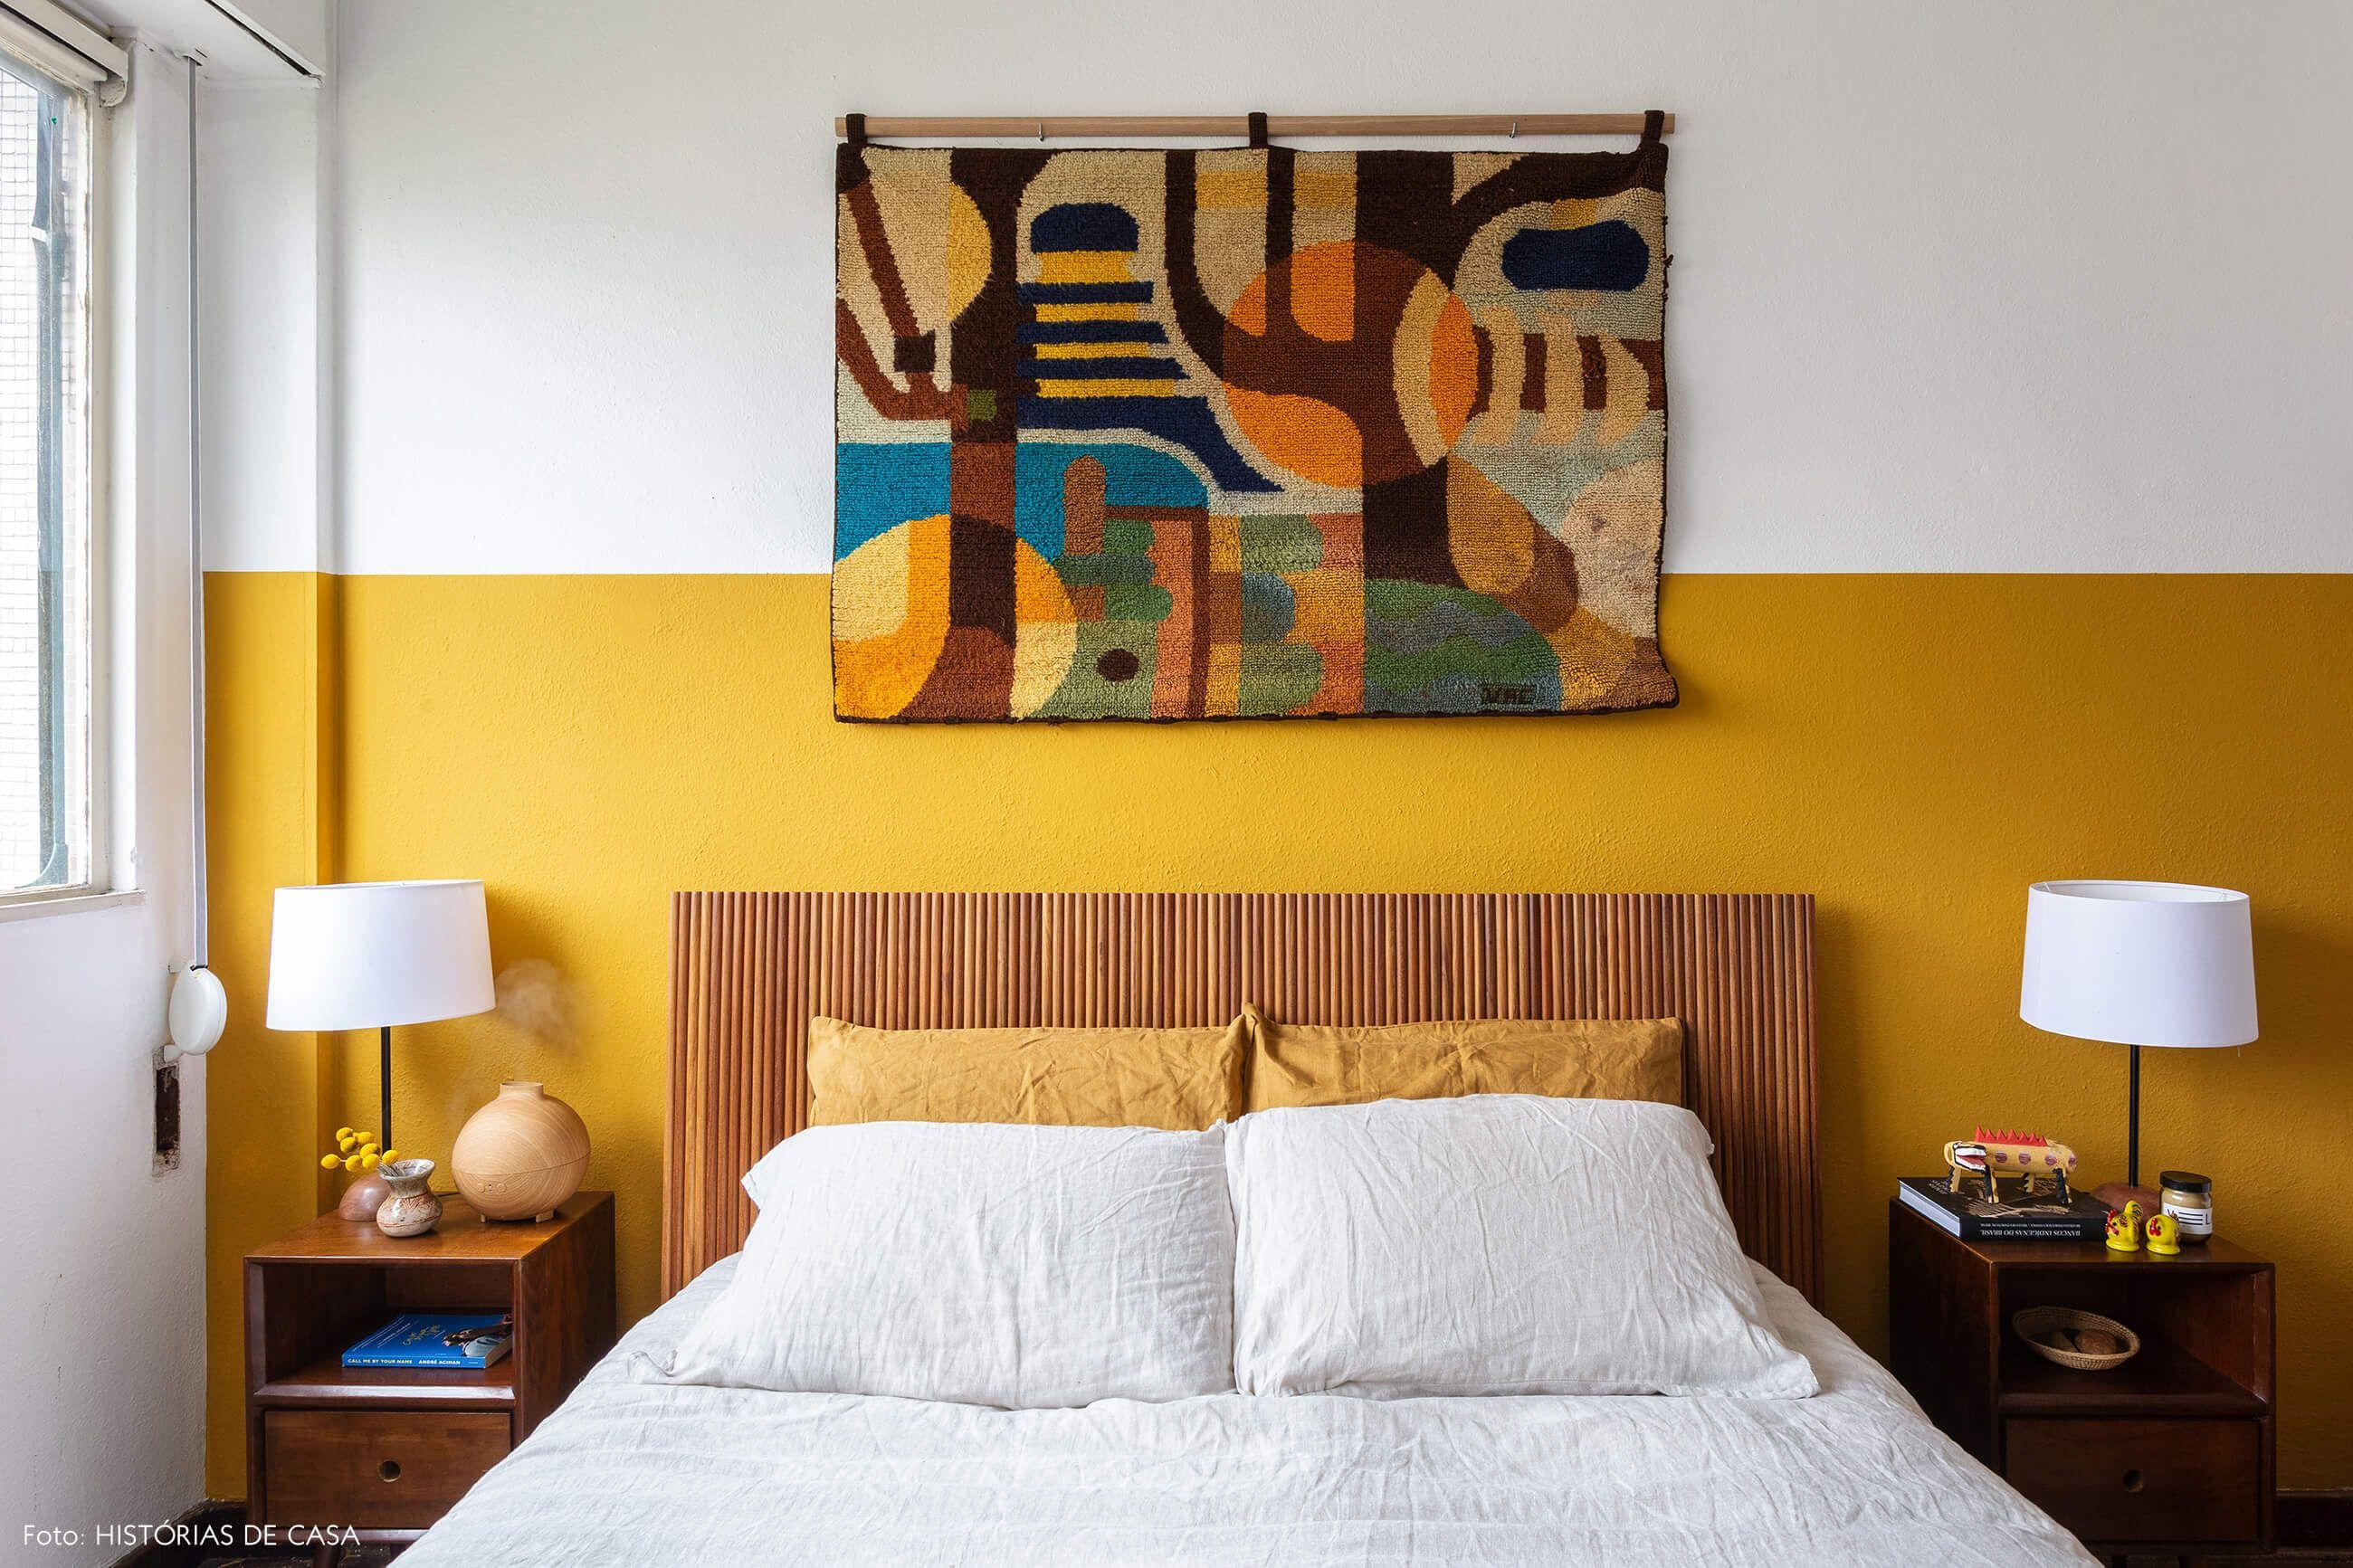 dcd7cf4cc7 Quarto de casal com cama de madeira e parede mostarda tem tapeçaria  pendurada e criado-mudo vintage.